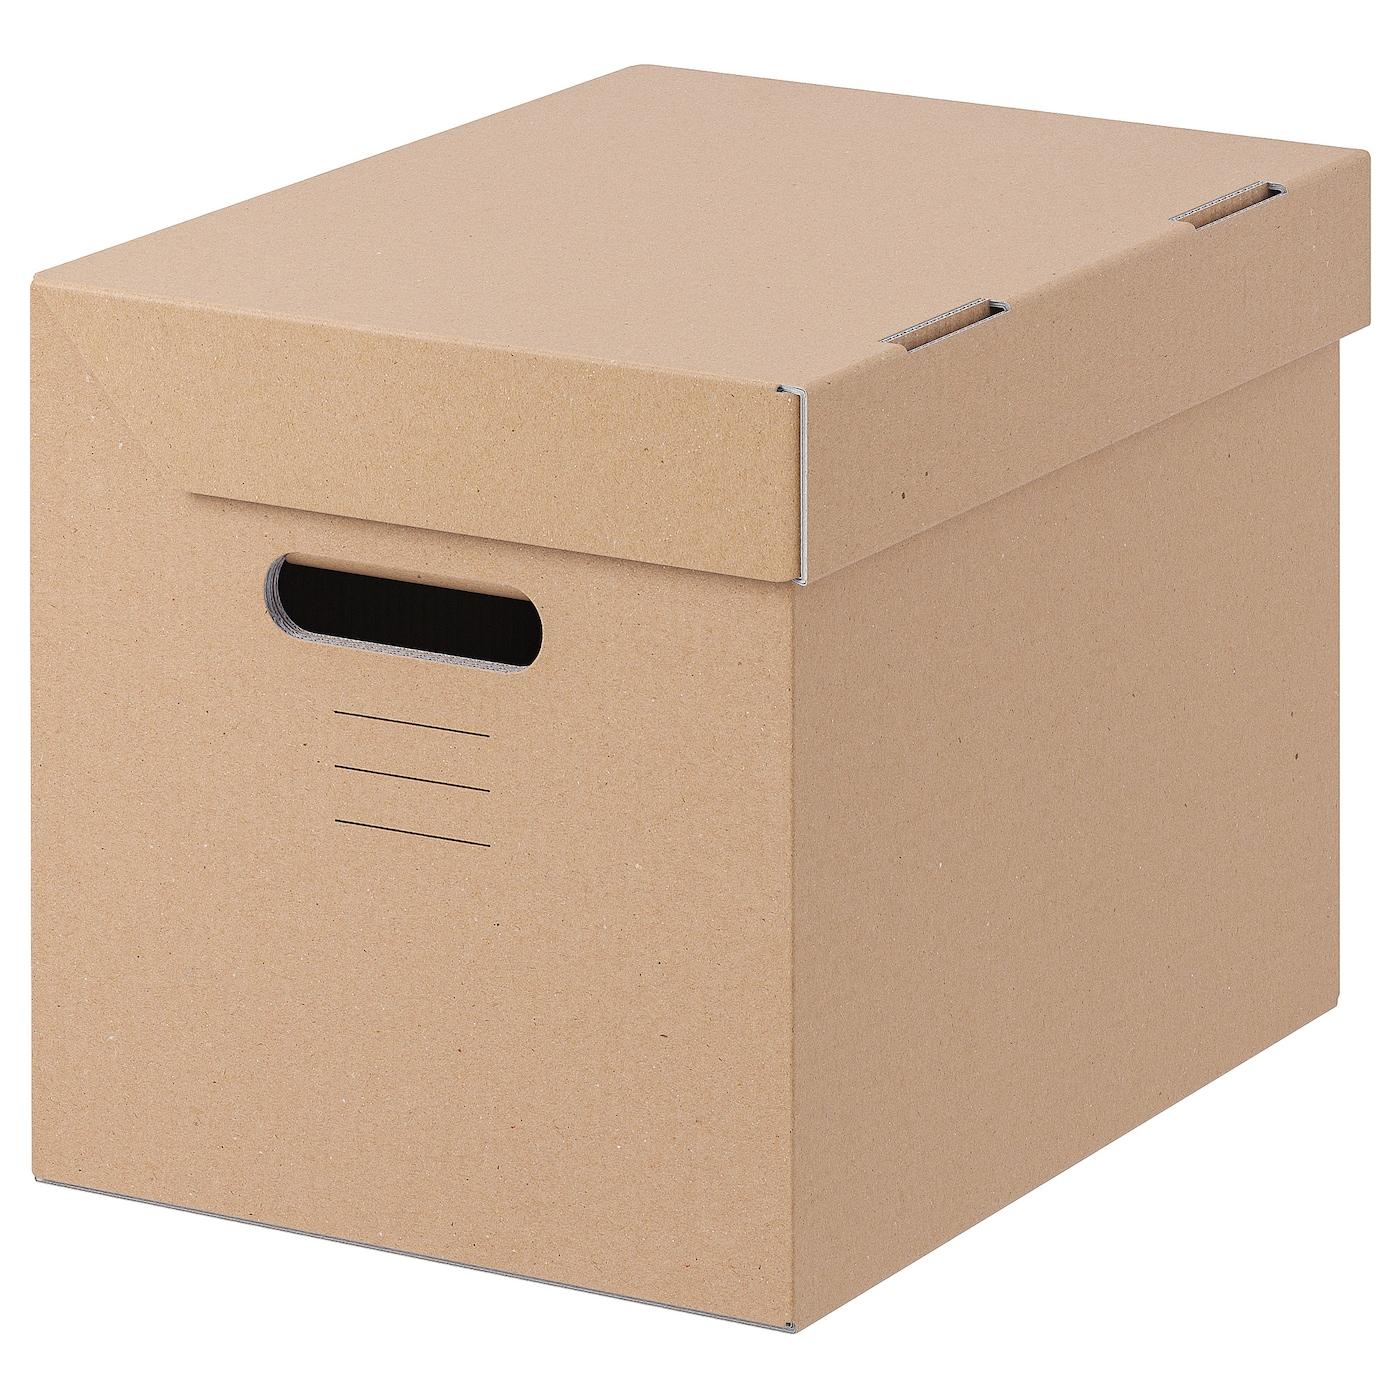 ПАППИС Коробка с крышкой, коричневый, 25x34x26 см: купить за 49 руб - цена, характеристики, отзывы | интернет-магазин TOPSTO, Крым